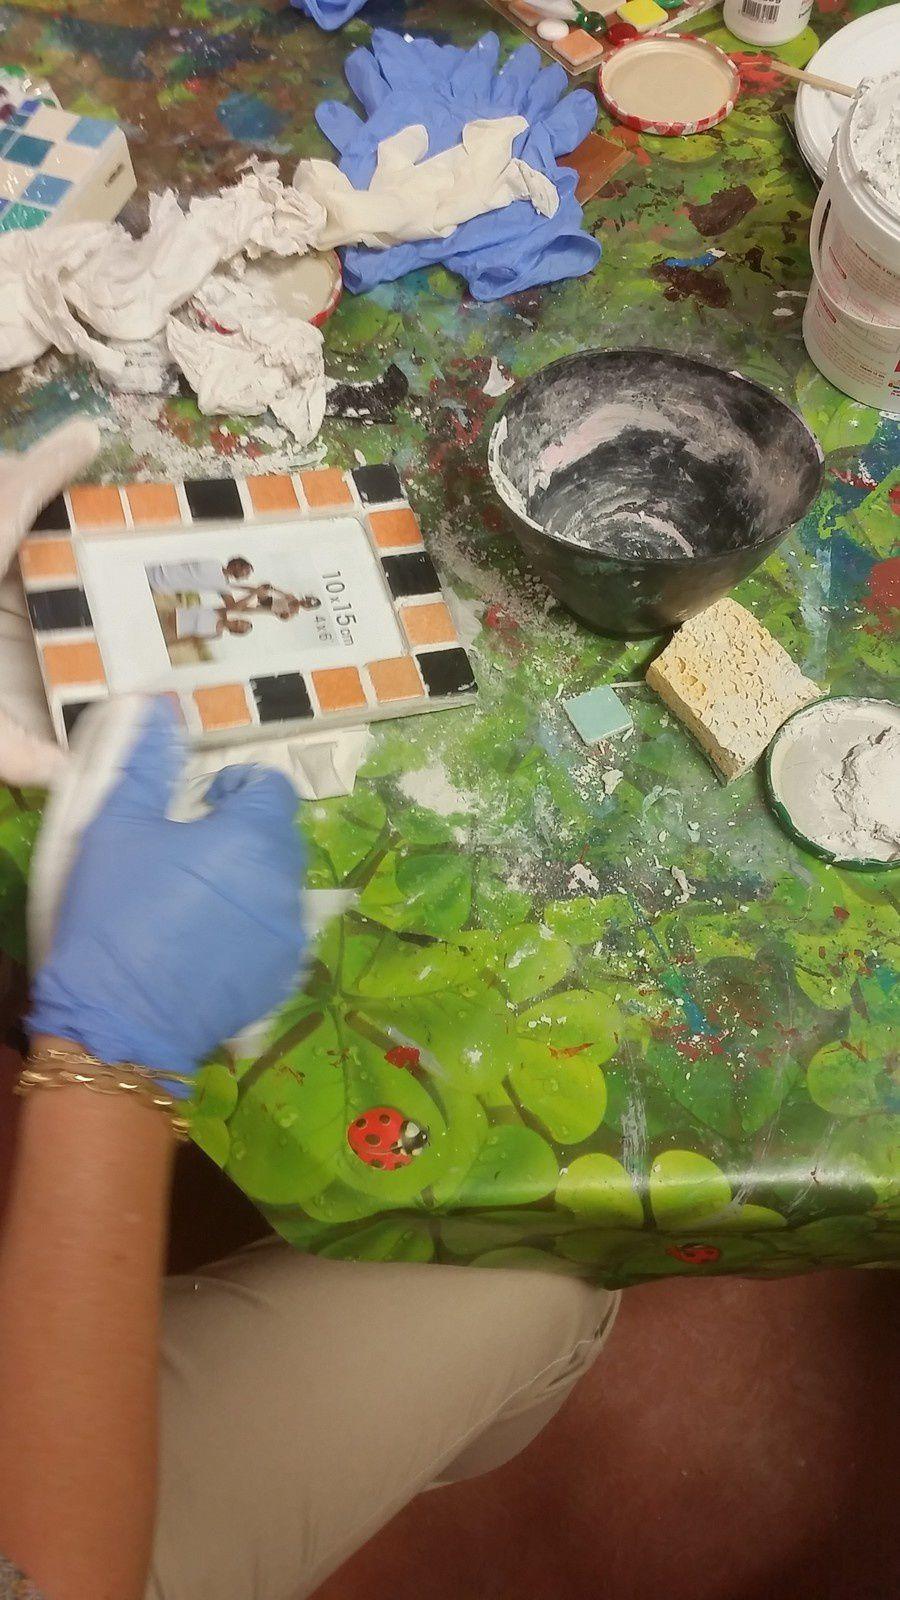 suite et fin de l'atelier mosaique